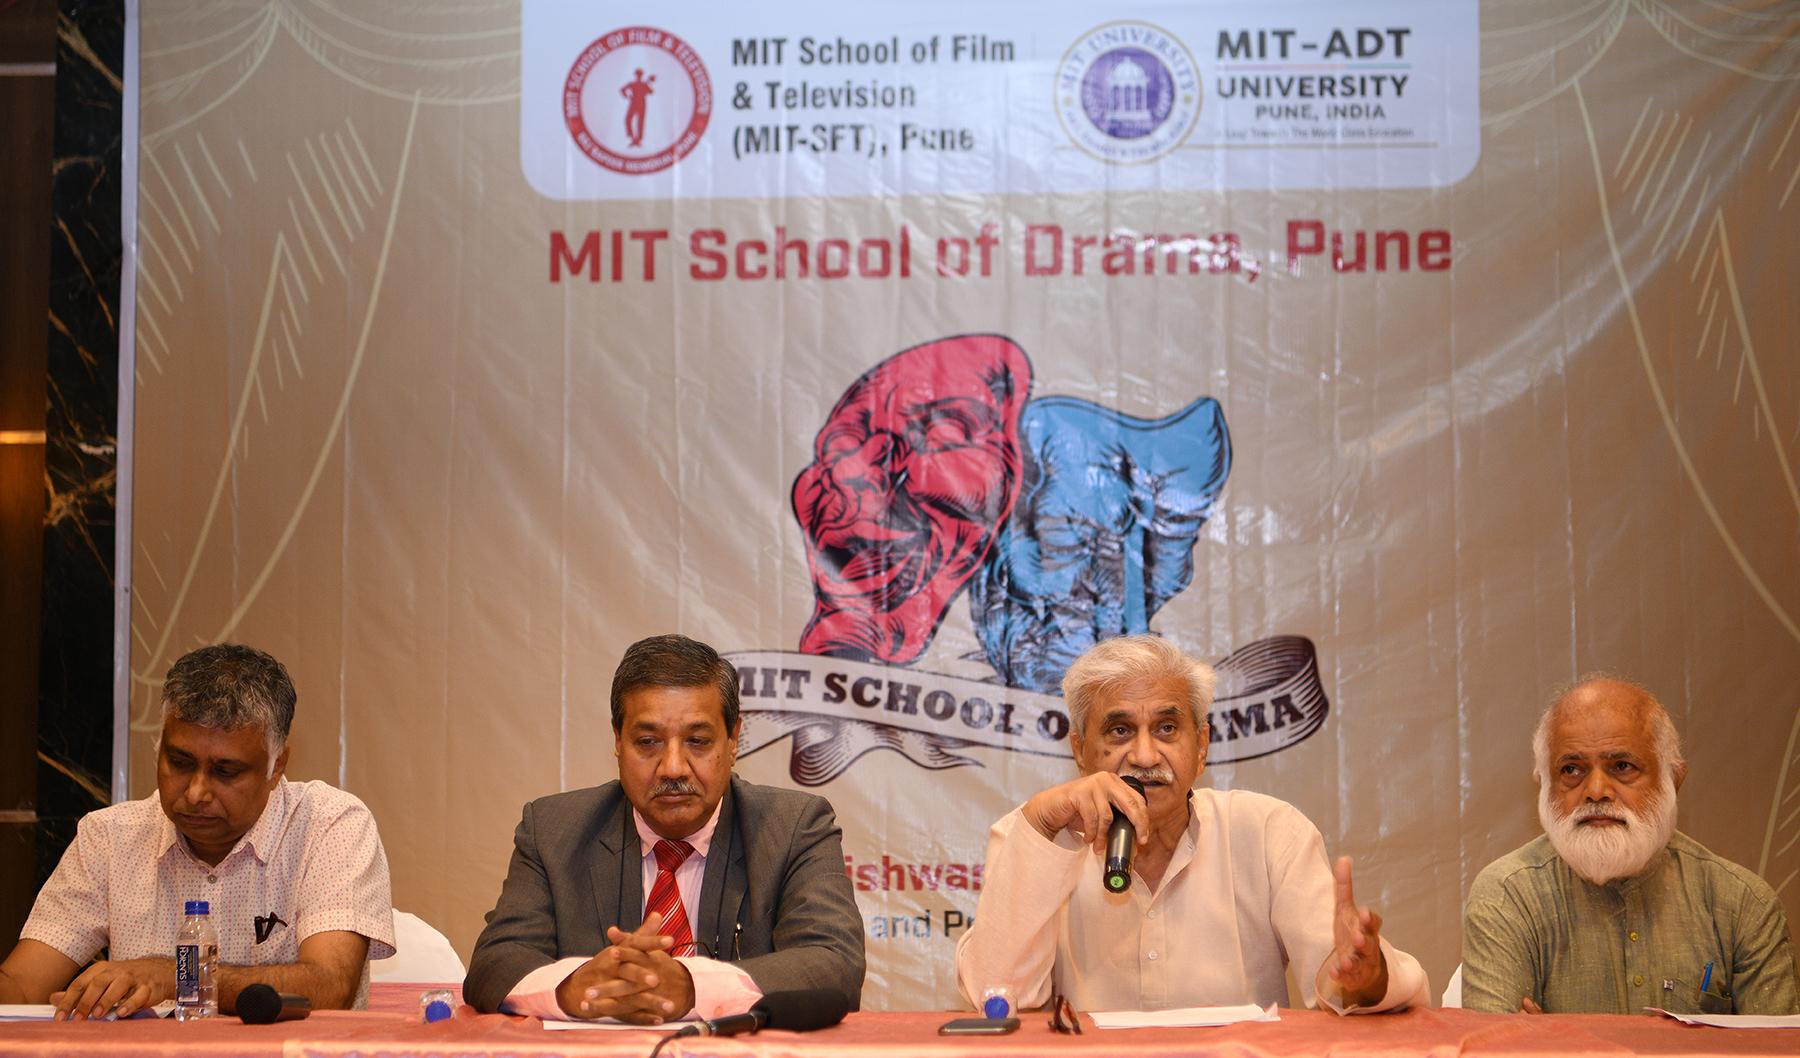 एमआयटी-एडीटी विद्यापीठातर्फे एमआयटी स्कूल ऑफ ड्रामाचा शुभारंभ